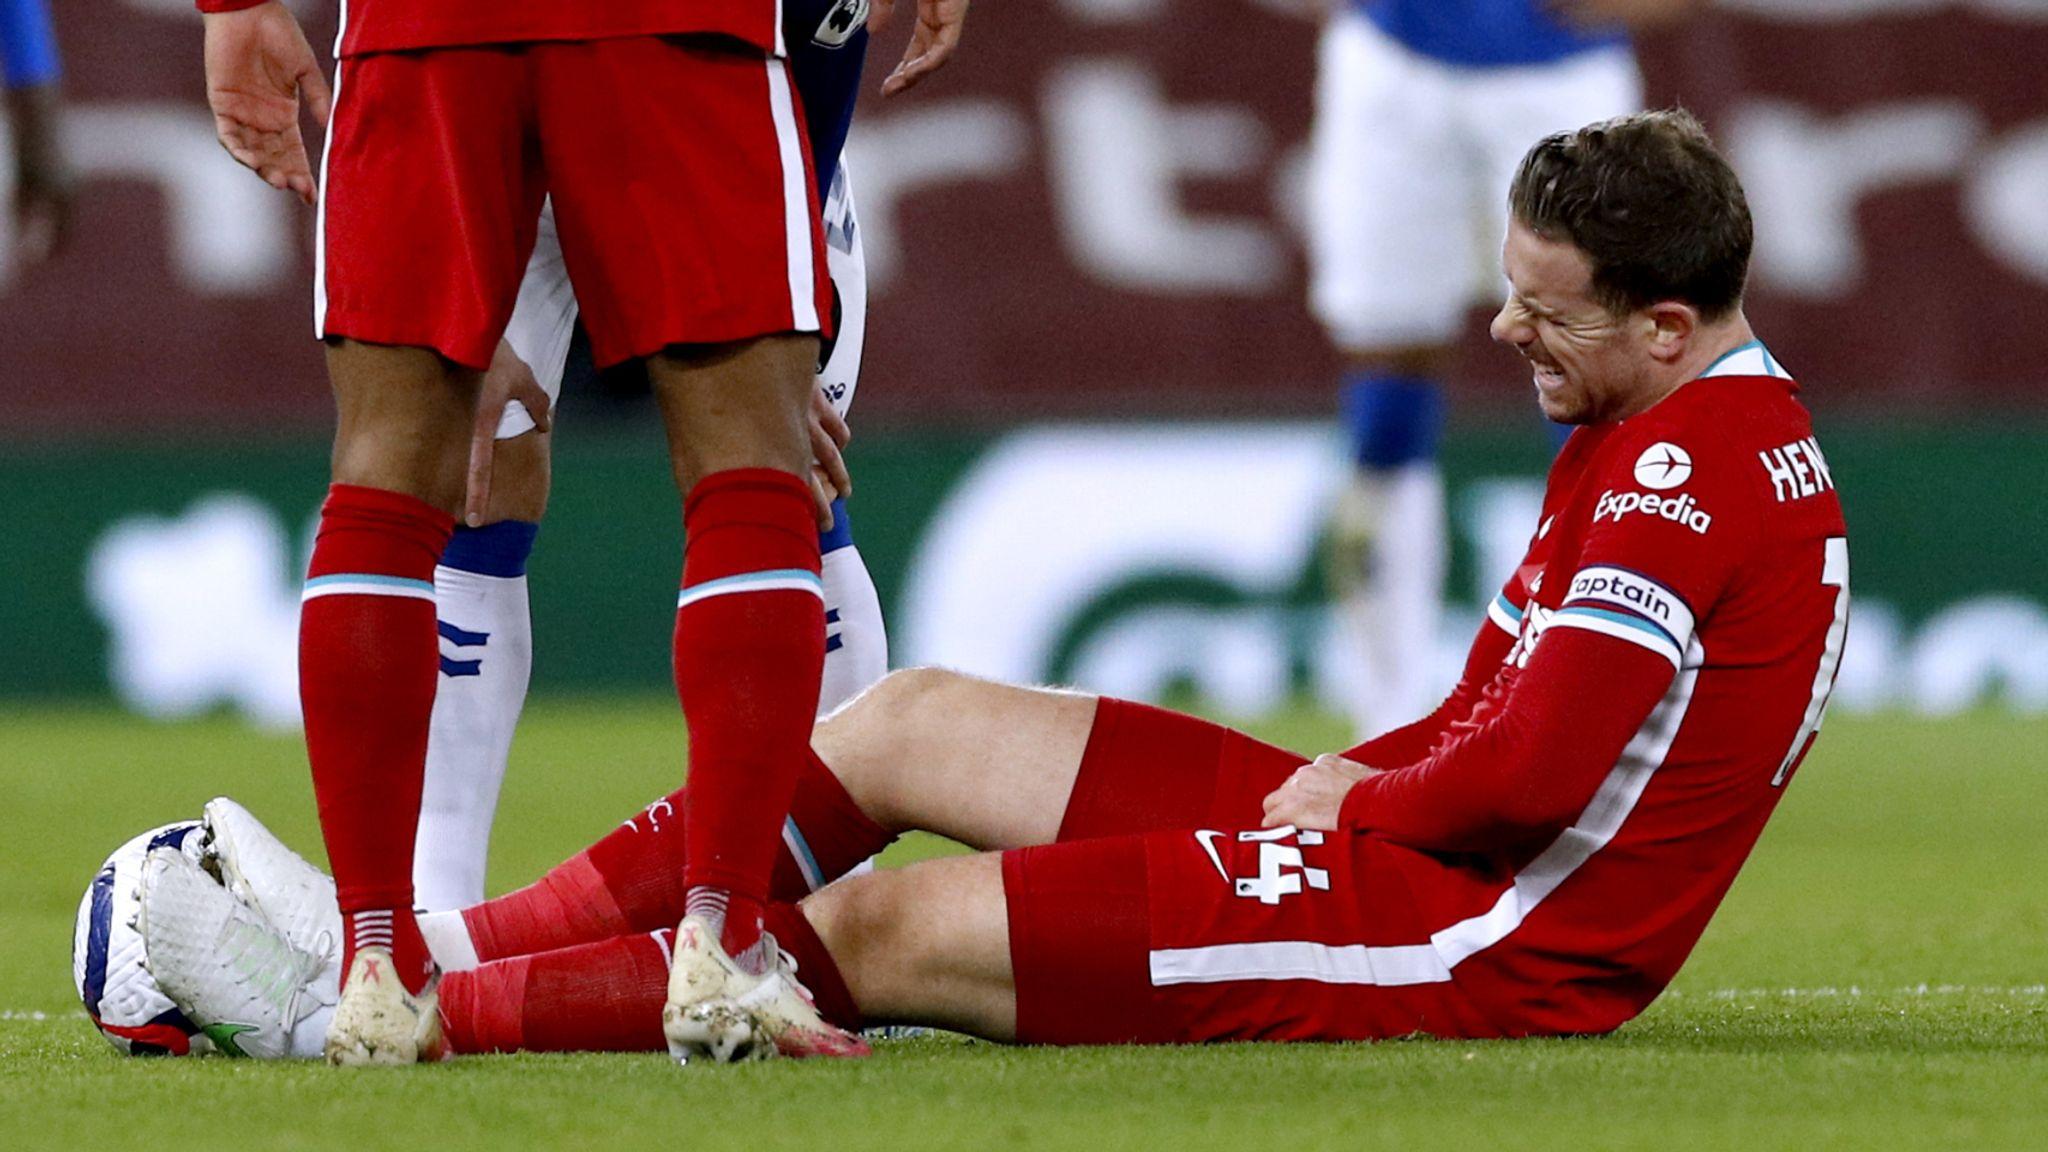 เฮนเดอร์สันชนะเมื่อบาดเจ็บที่ขาหนีบในเกมพ่ายเอฟเวอร์ตันที่กูดิสันพาร์คเมื่อวันที่ 21/2  ภาพ: Sky Sport